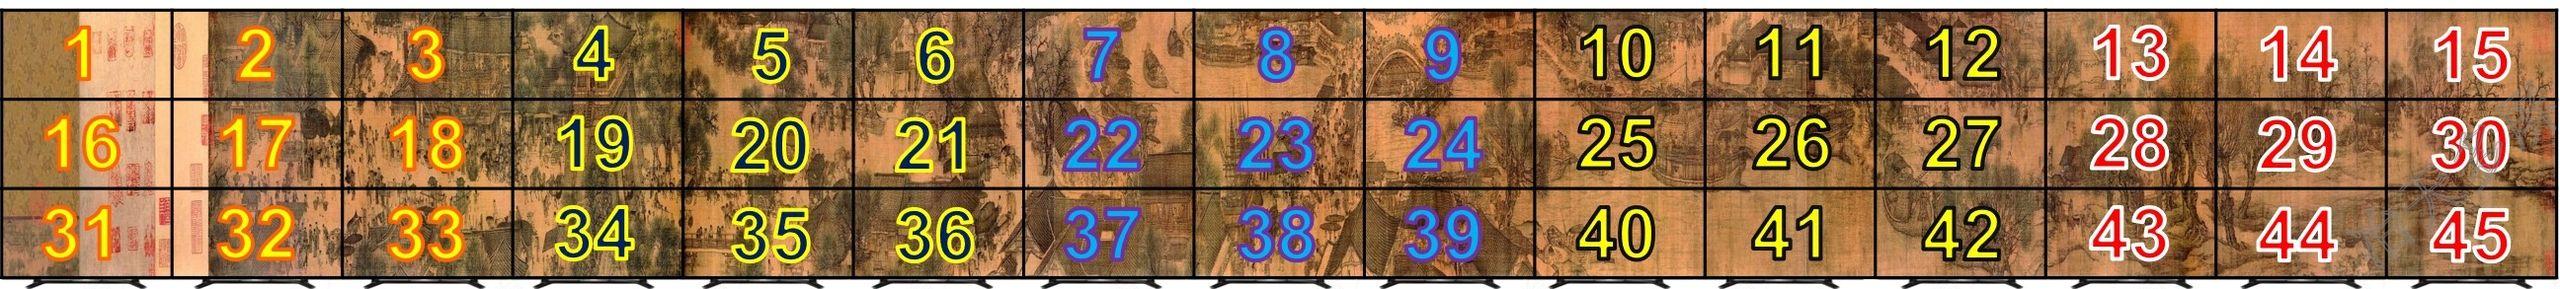 3行15列45屏拼接液晶大屏幕墙方案